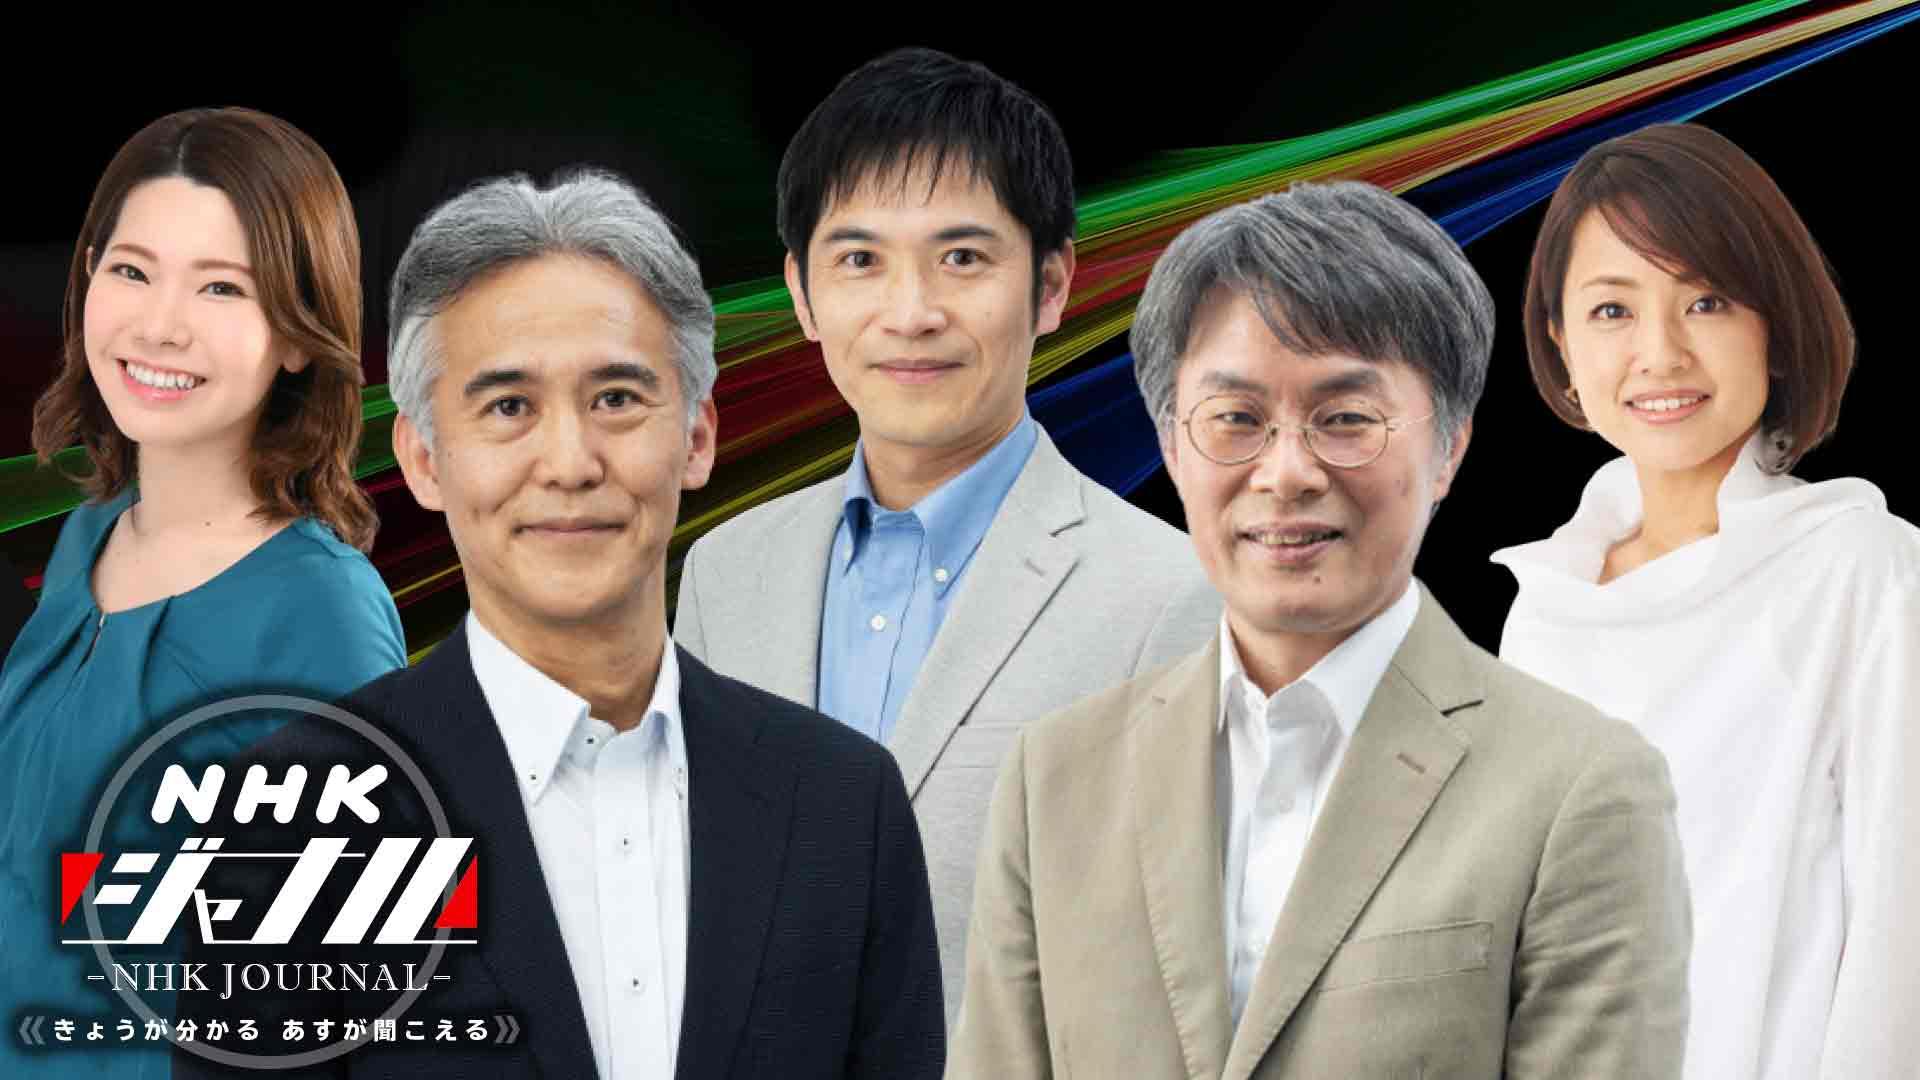 NHKジャーナル